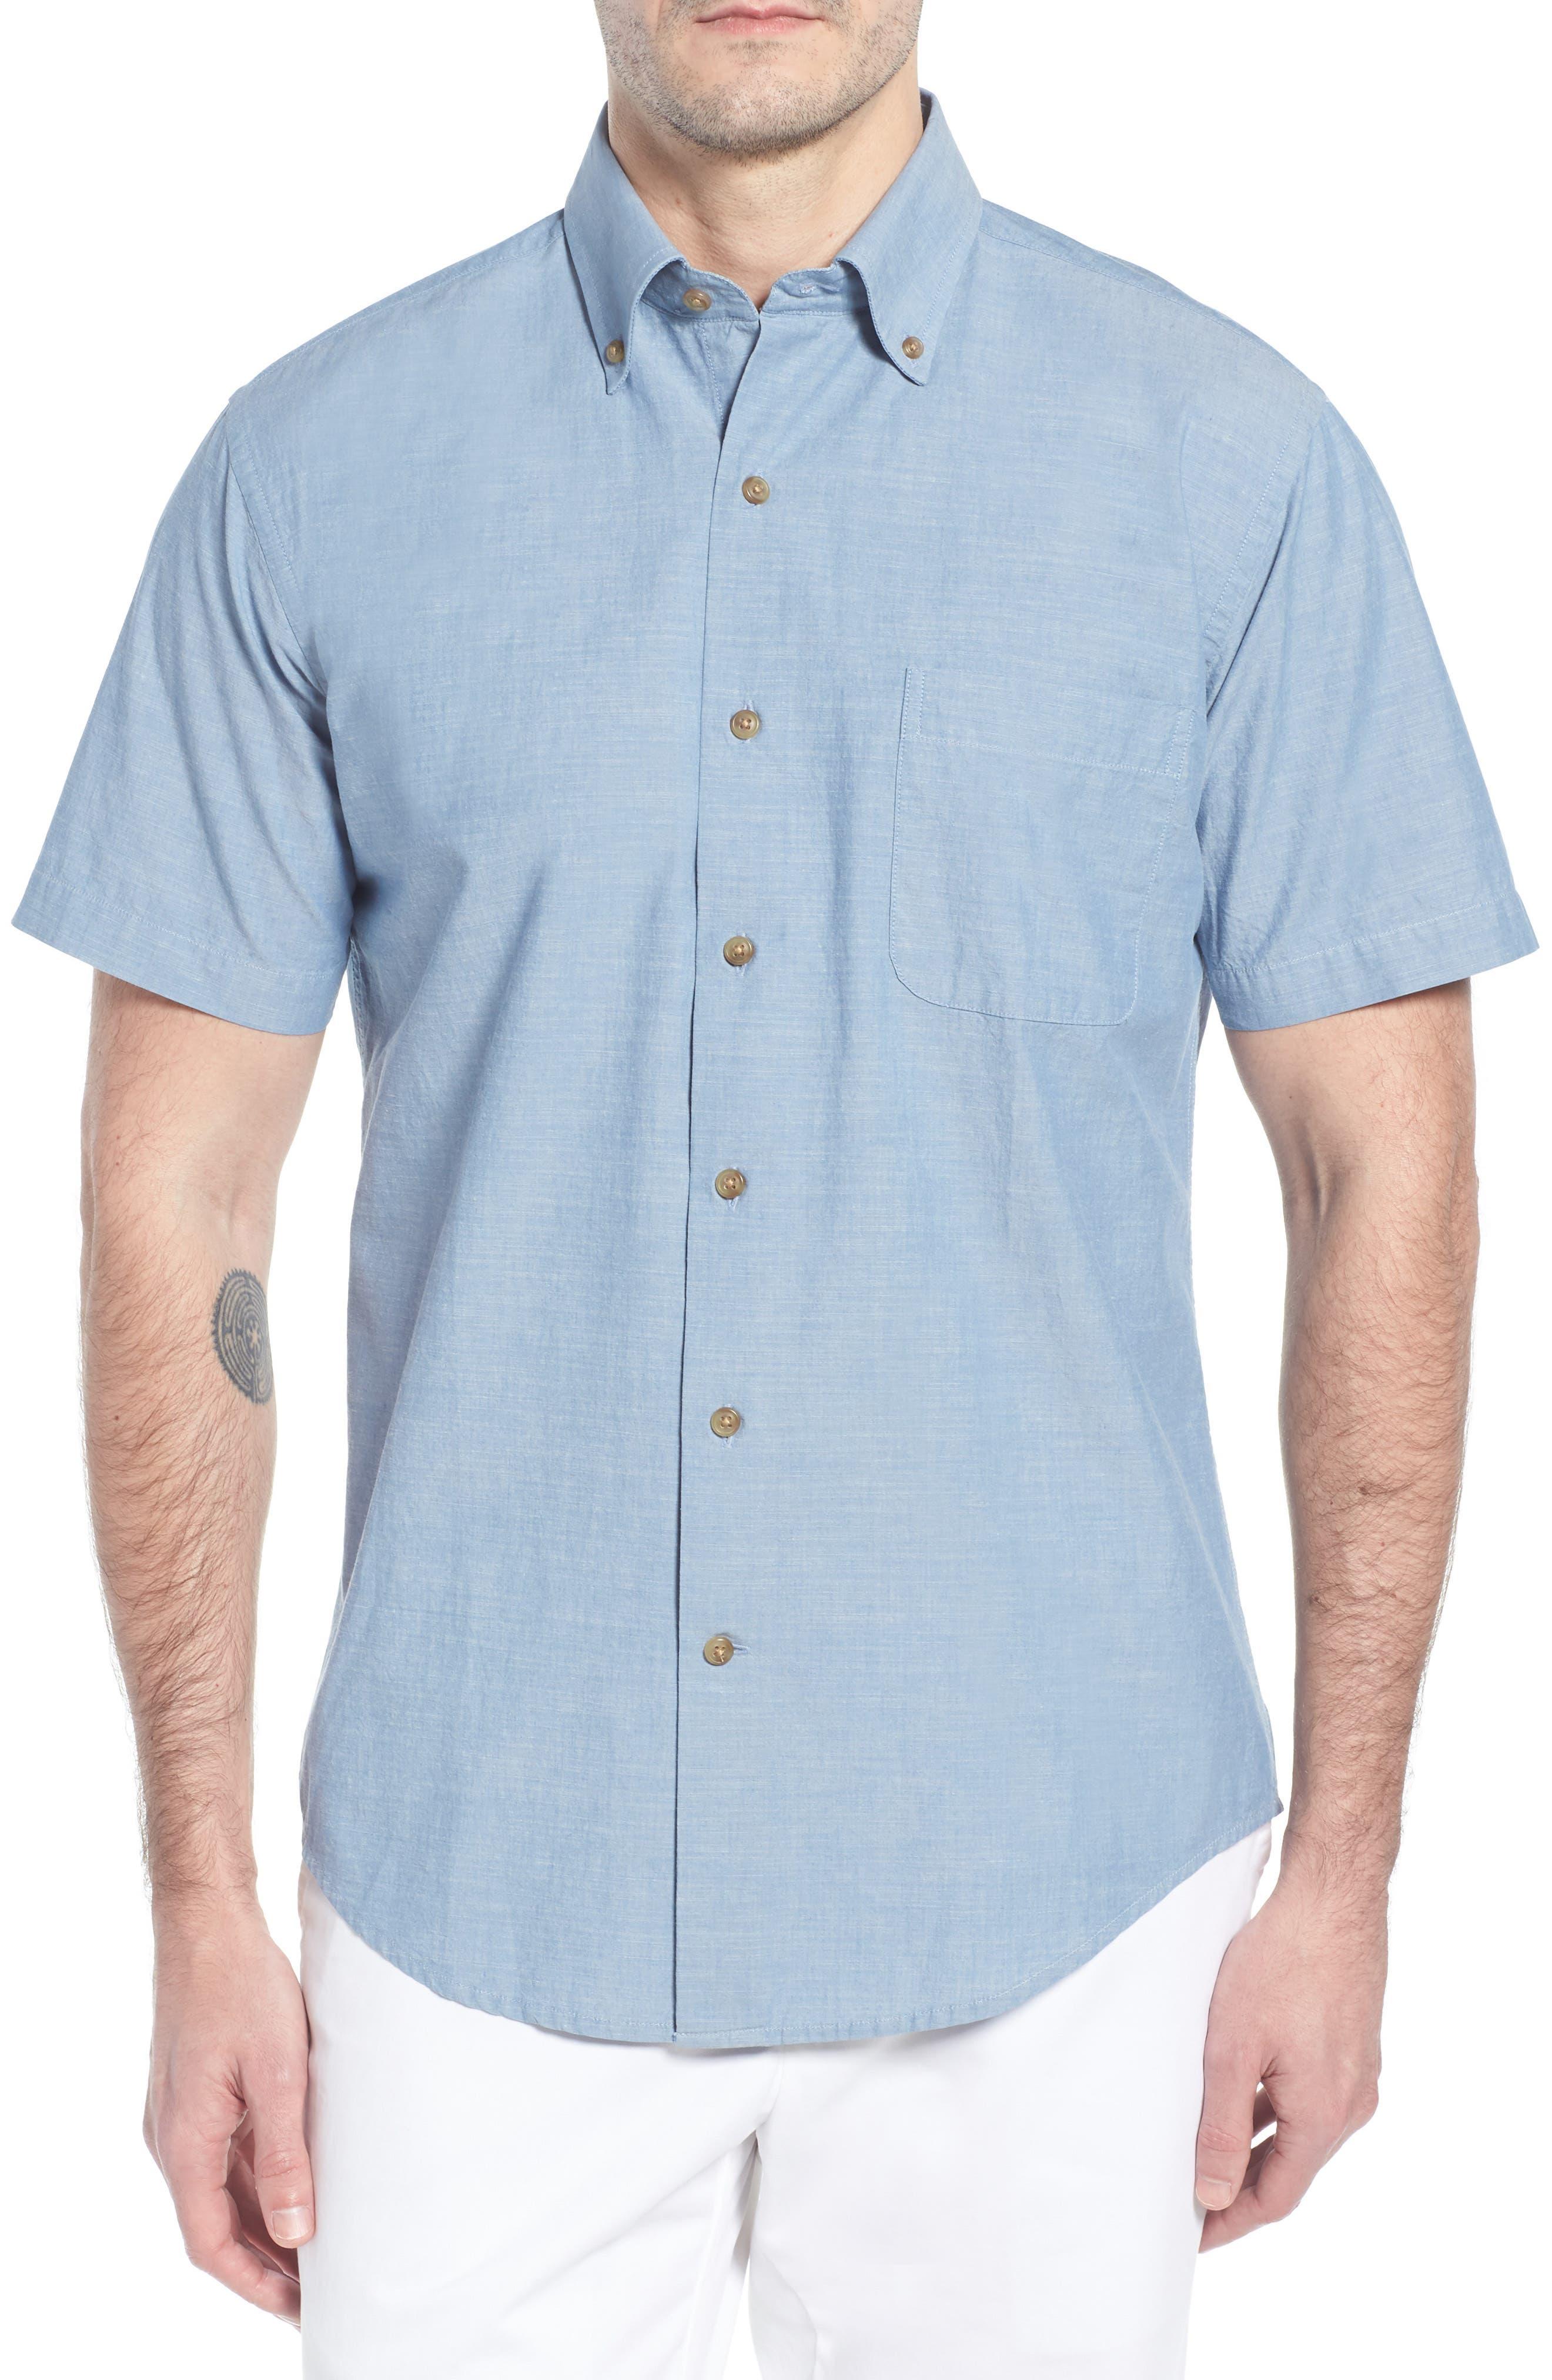 Heritage Chambray Sport Shirt,                             Main thumbnail 1, color,                             TAR HEEL BLUE